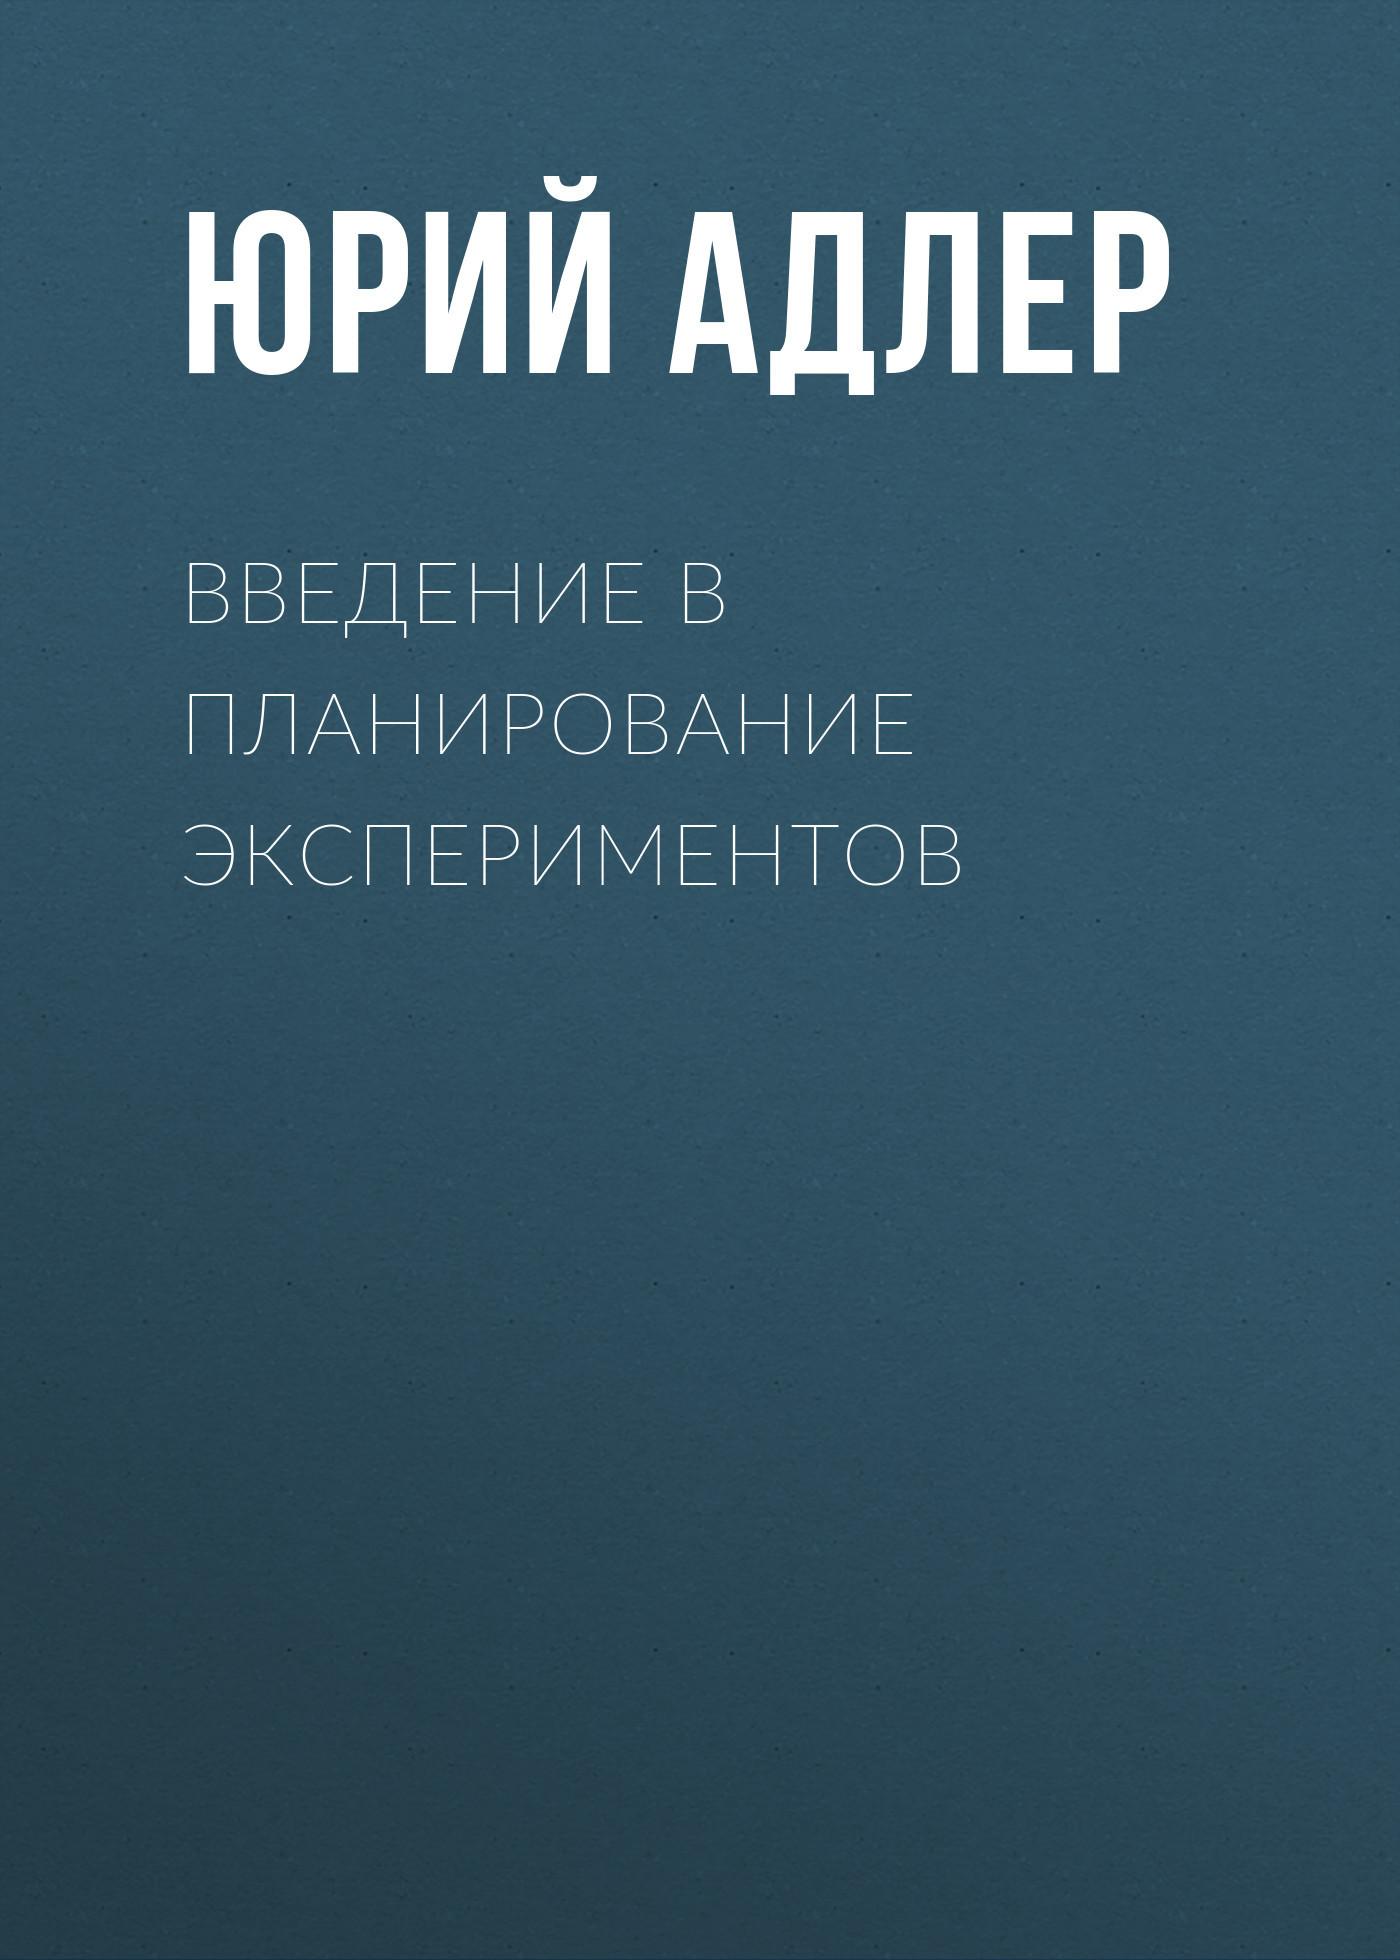 Юрий Адлер бесплатно